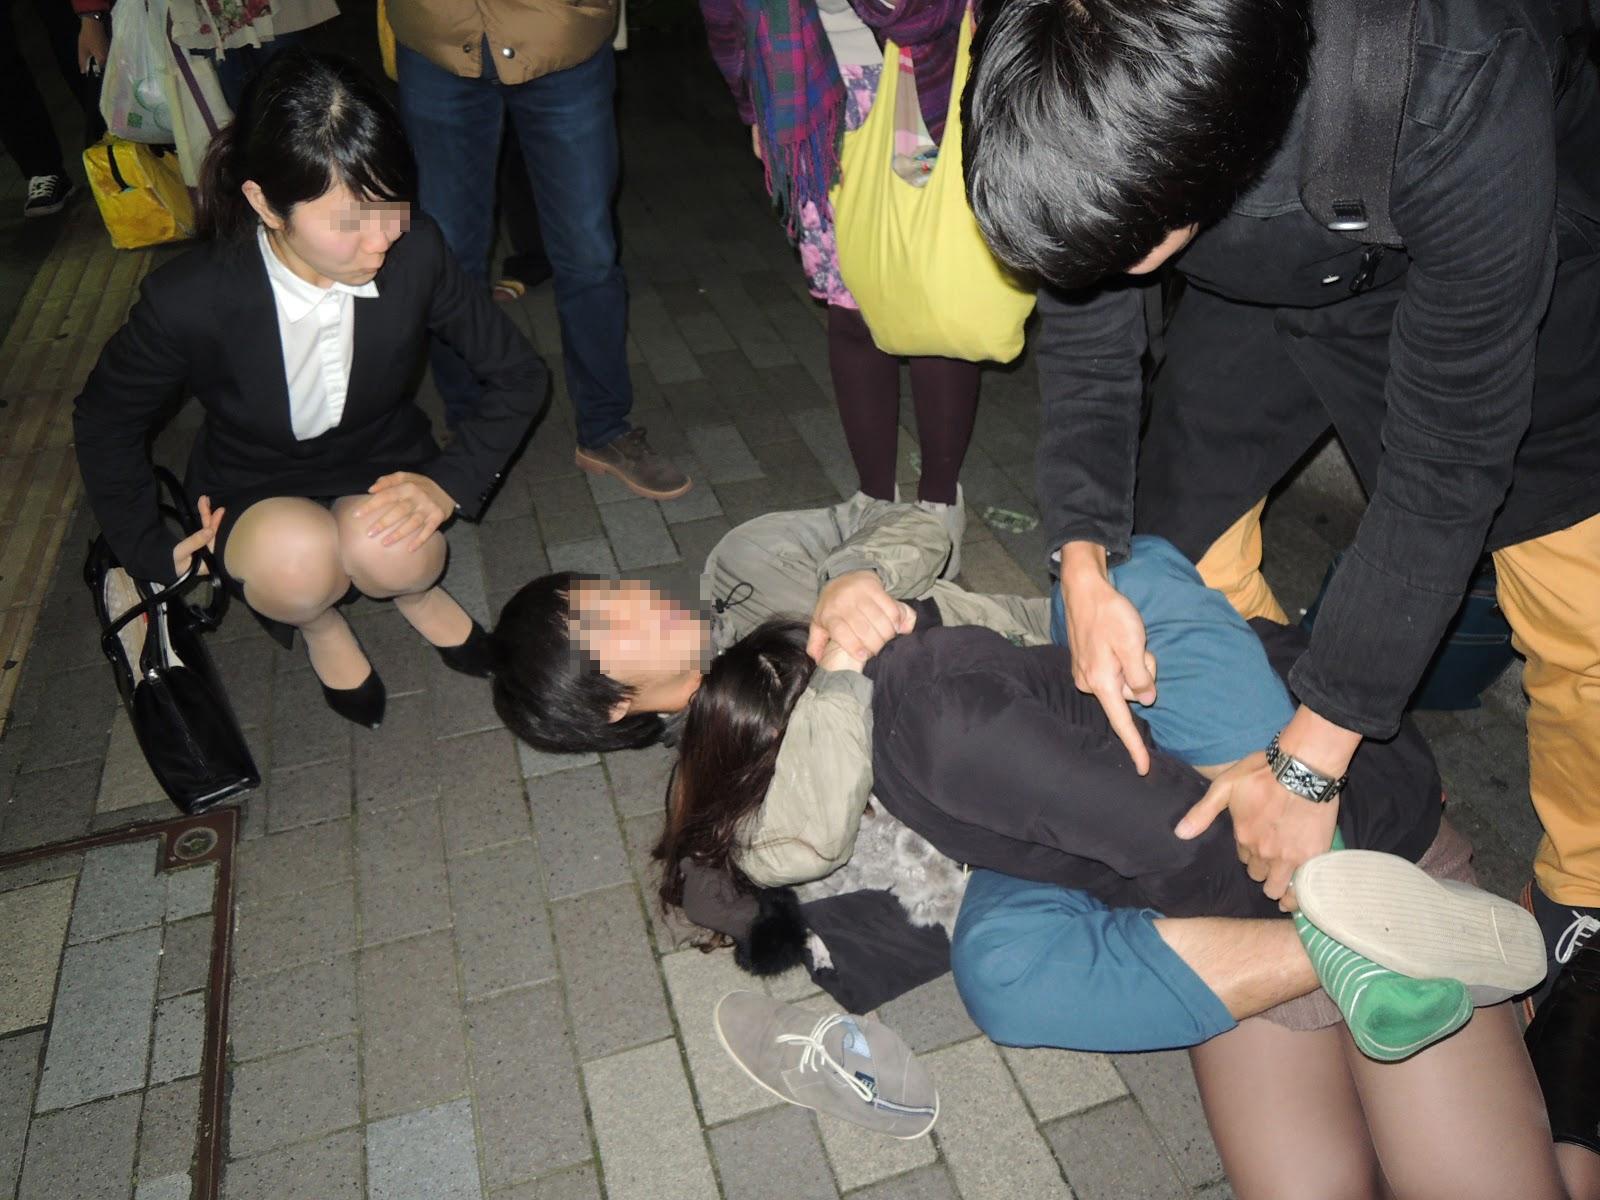 【エロ画像】大学生ヤリサーの活動レポ写メがヤバすぎる・・・・・(画像あり)